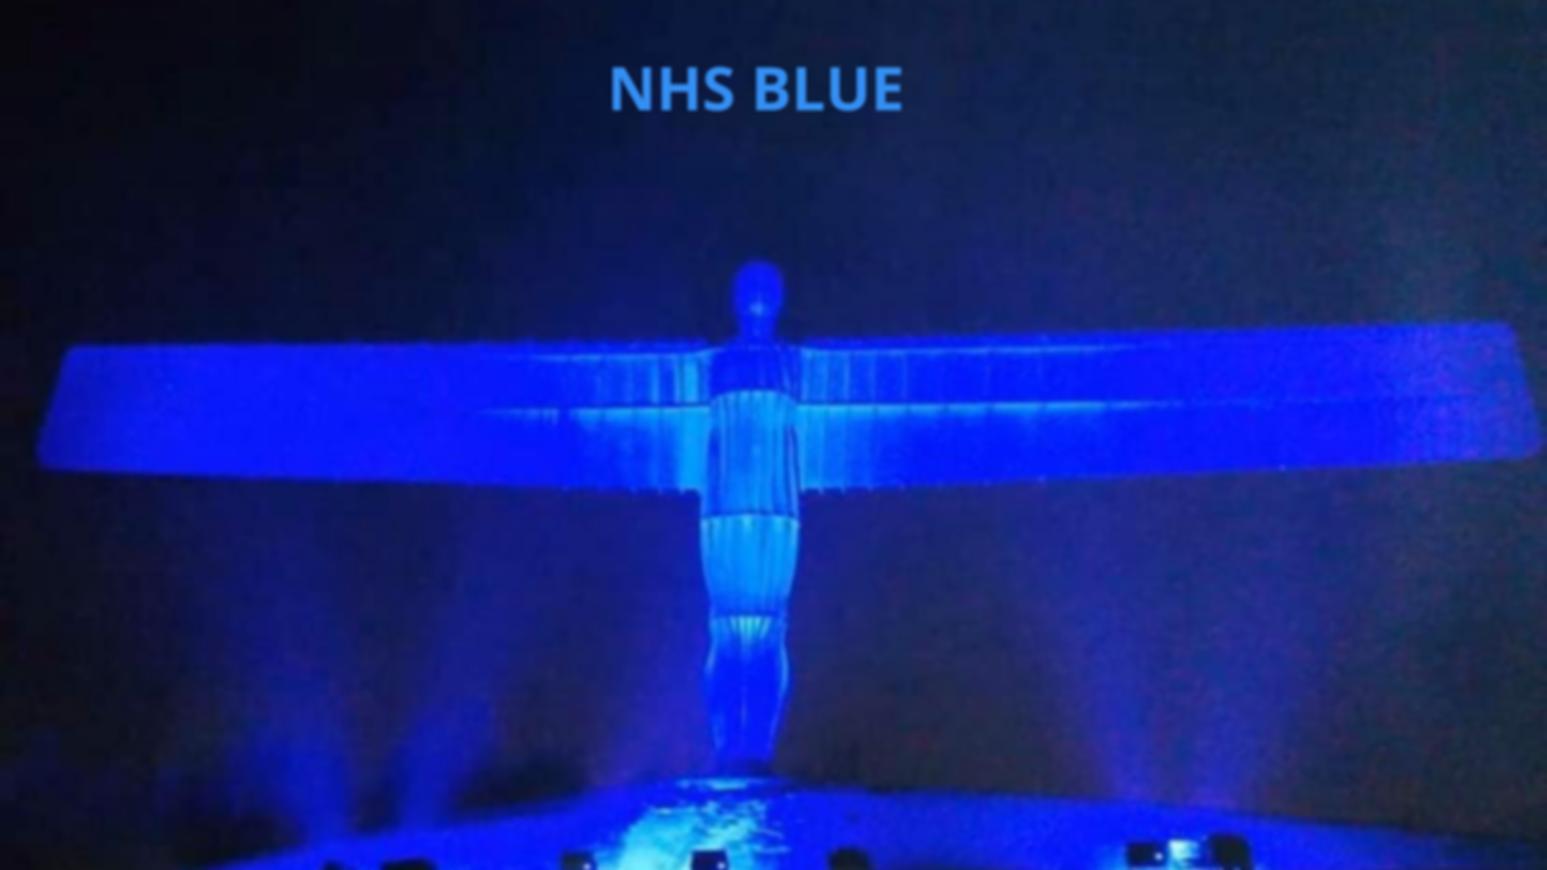 NHS BLUE.png